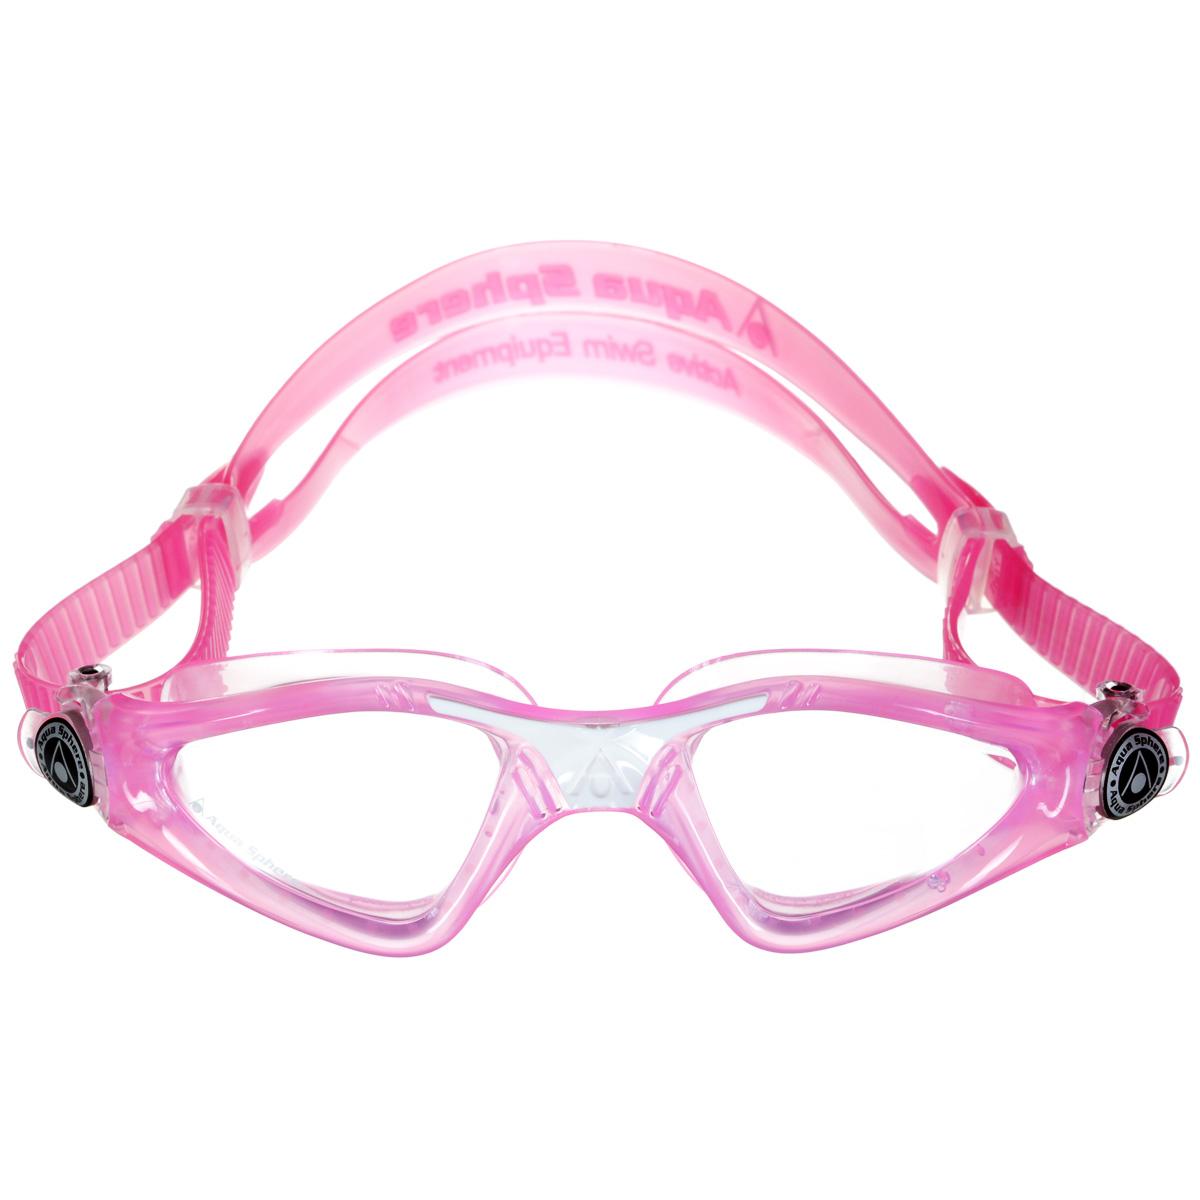 Очки для плавания Aqua Sphere Kayenne Junior, цвет: розовый, белыйTN 170980Детские очки для плавания Aqua Sphere Kayenne Junior идеально подходят для плавания в бассейне или открытой воде. Оснащены линзами с антизапотевающим покрытием, которые устойчивы к появлению царапин. Мягкий комфортный обтюратор плотно прилегает к лицу. Запатентованные изогнутые линзы дают прекрасный обзор на 180° - без искажений. Рамка имеет гидродинамическую форму. Очки оснащены удобными быстрорегулируемыми пряжками. Детский вариант популярных очков для плавания Kayenne, сохраняет все лучшее от взрослой модели: Мягкую не травмирующую обтюрацию. Увеличенную линзу. Удобную регулировку ремешков. Расцветка и дизайн обязательно понравятся вашему ребенку! Материал: софтерил, plexisol.